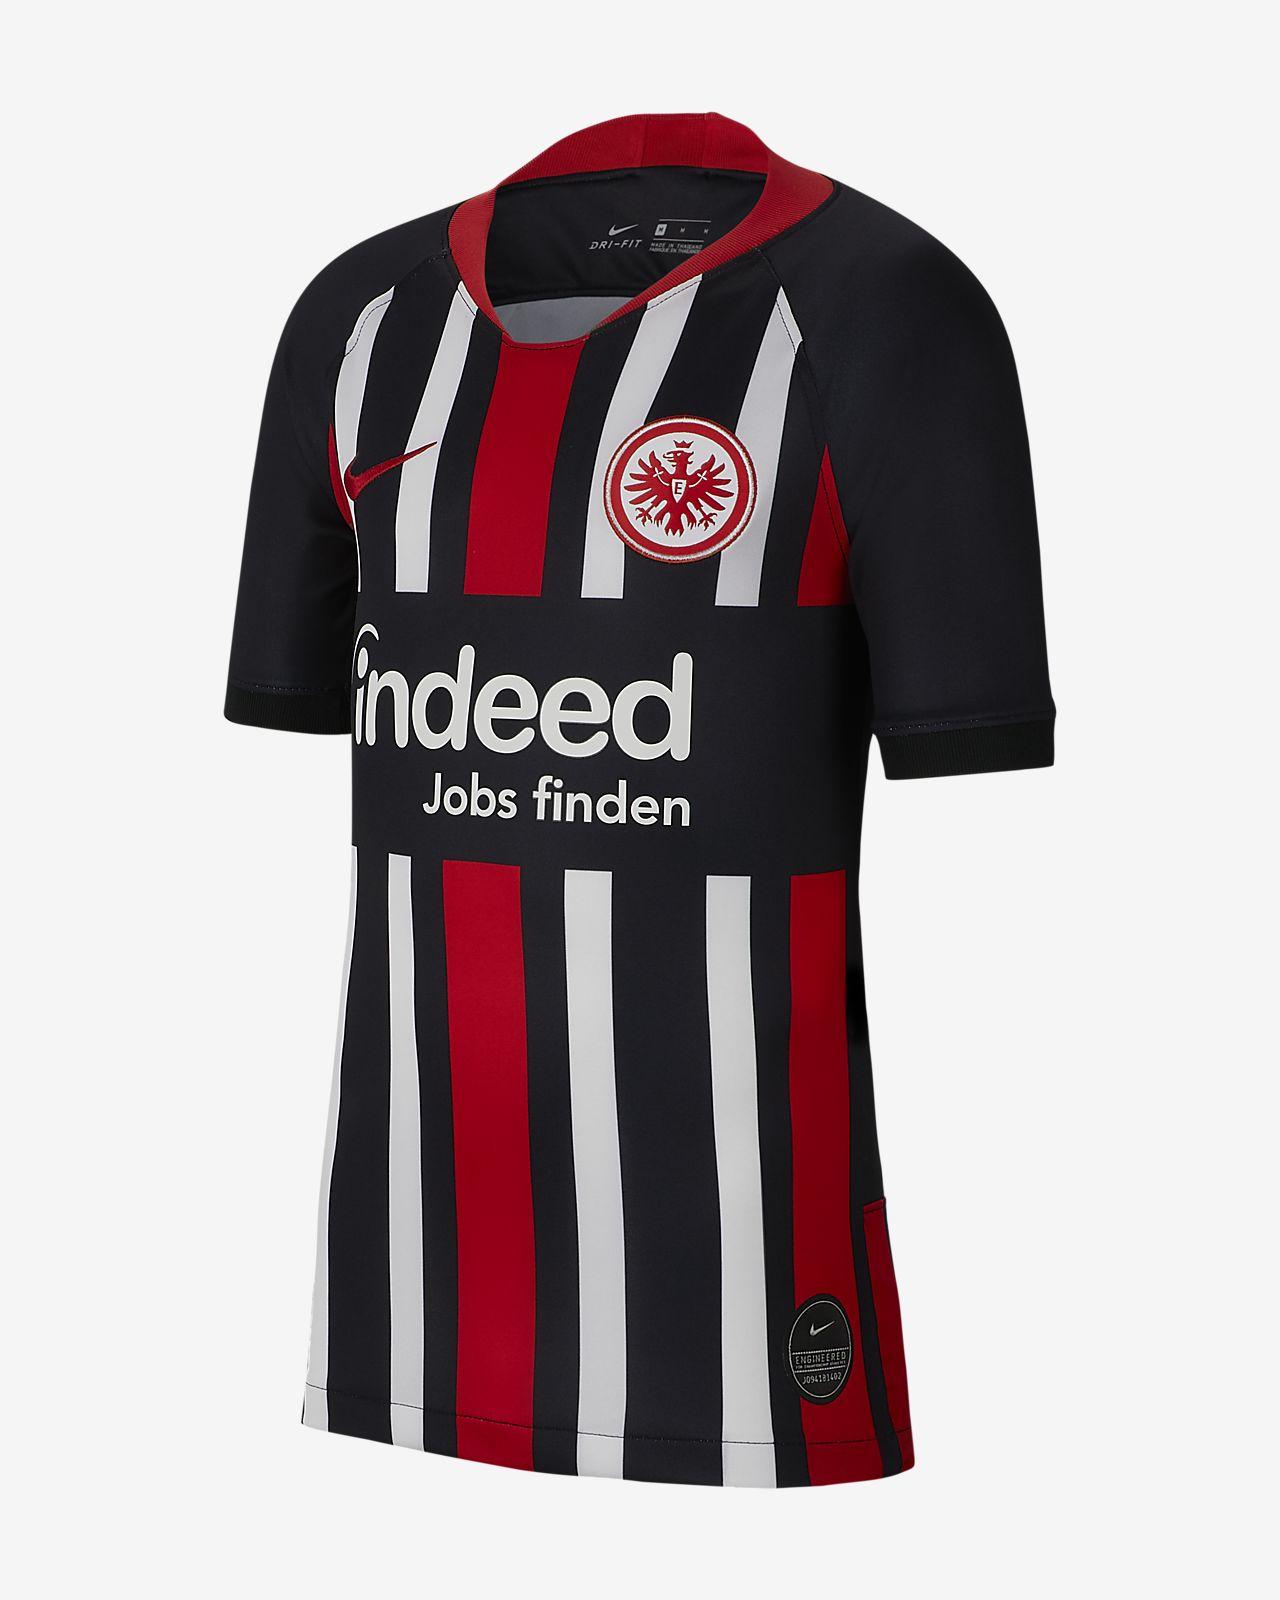 Ποδοσφαιρική φανέλα Eintracht Frankfurt 2019/20 Stadium Home για μεγάλα παιδιά